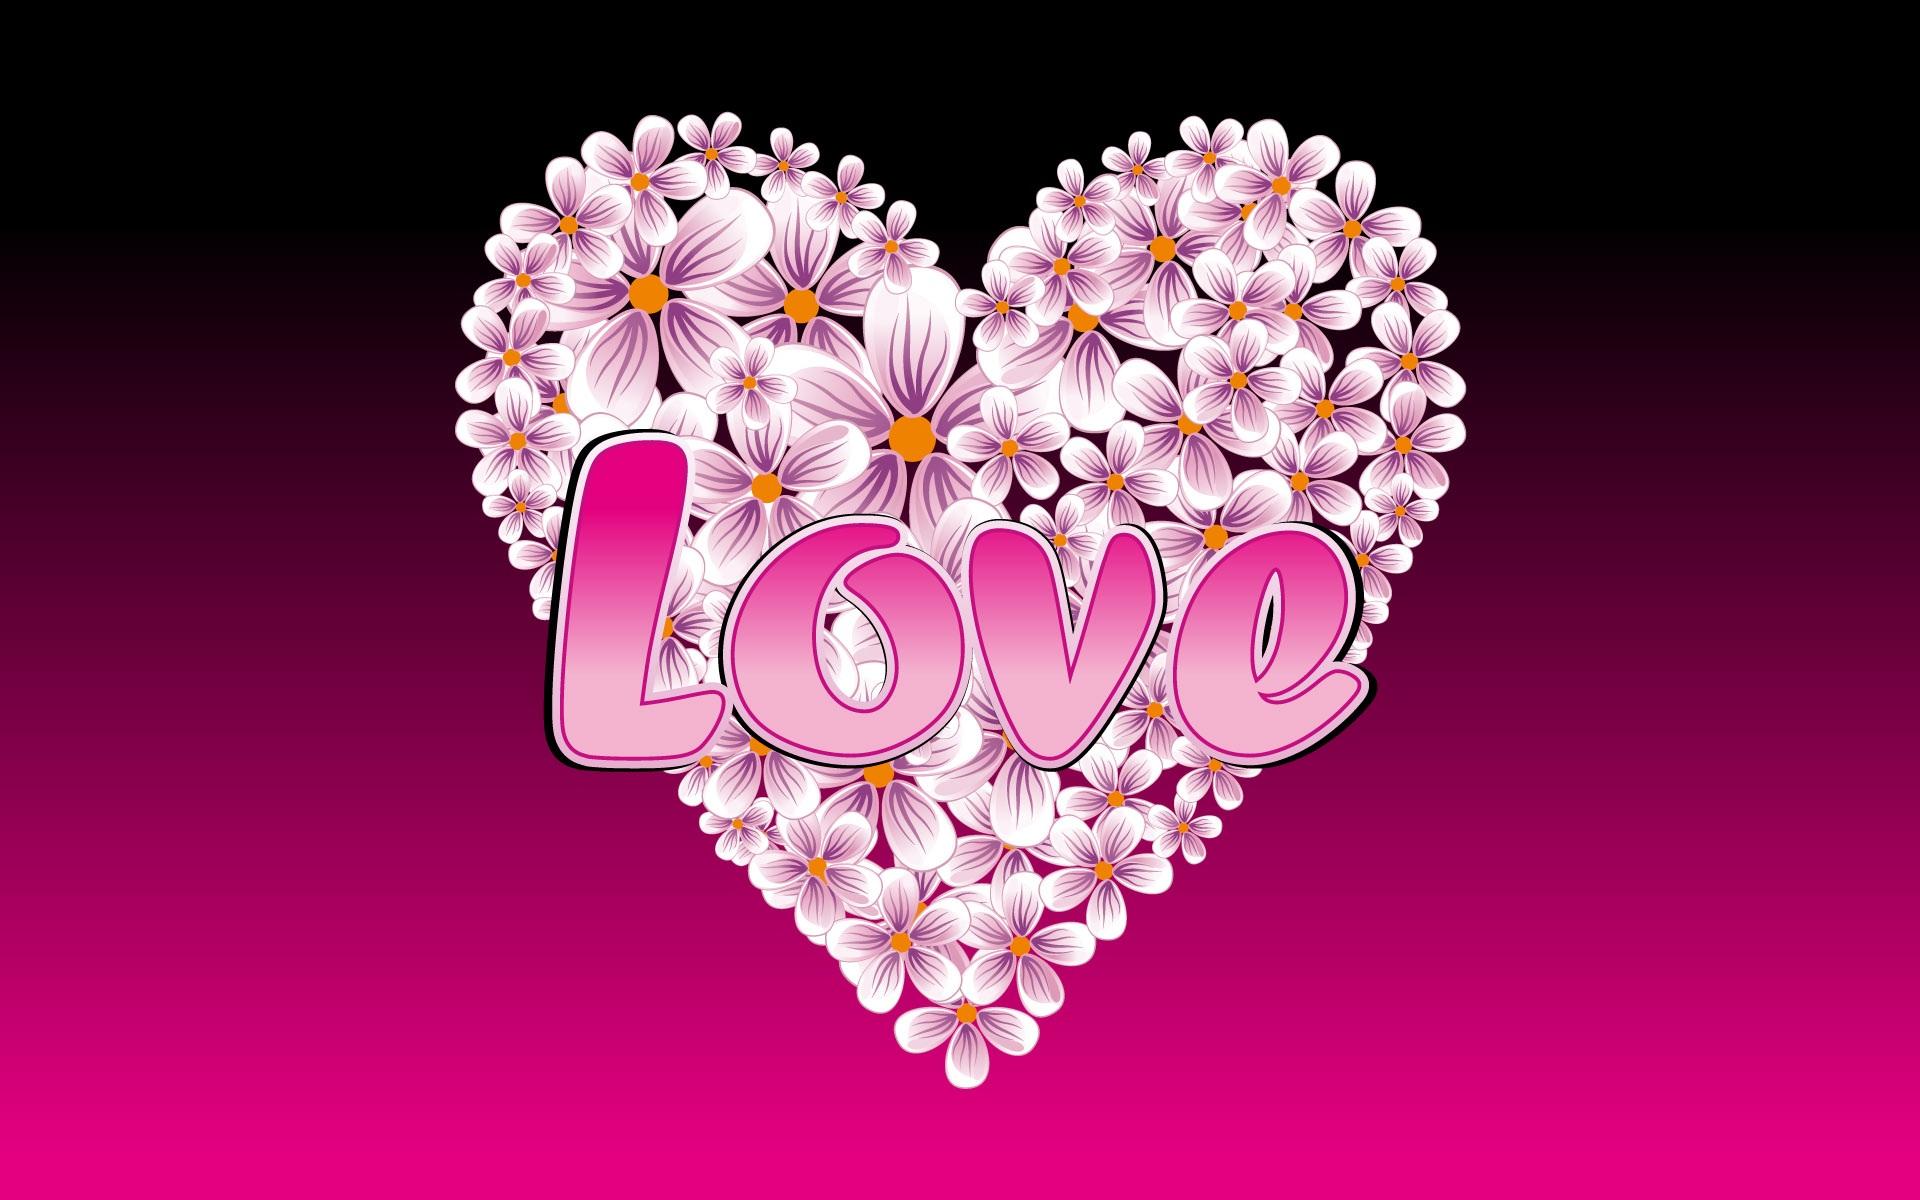 Wallpaper Heart-shaped flowers of love 1920x1200 HD ...